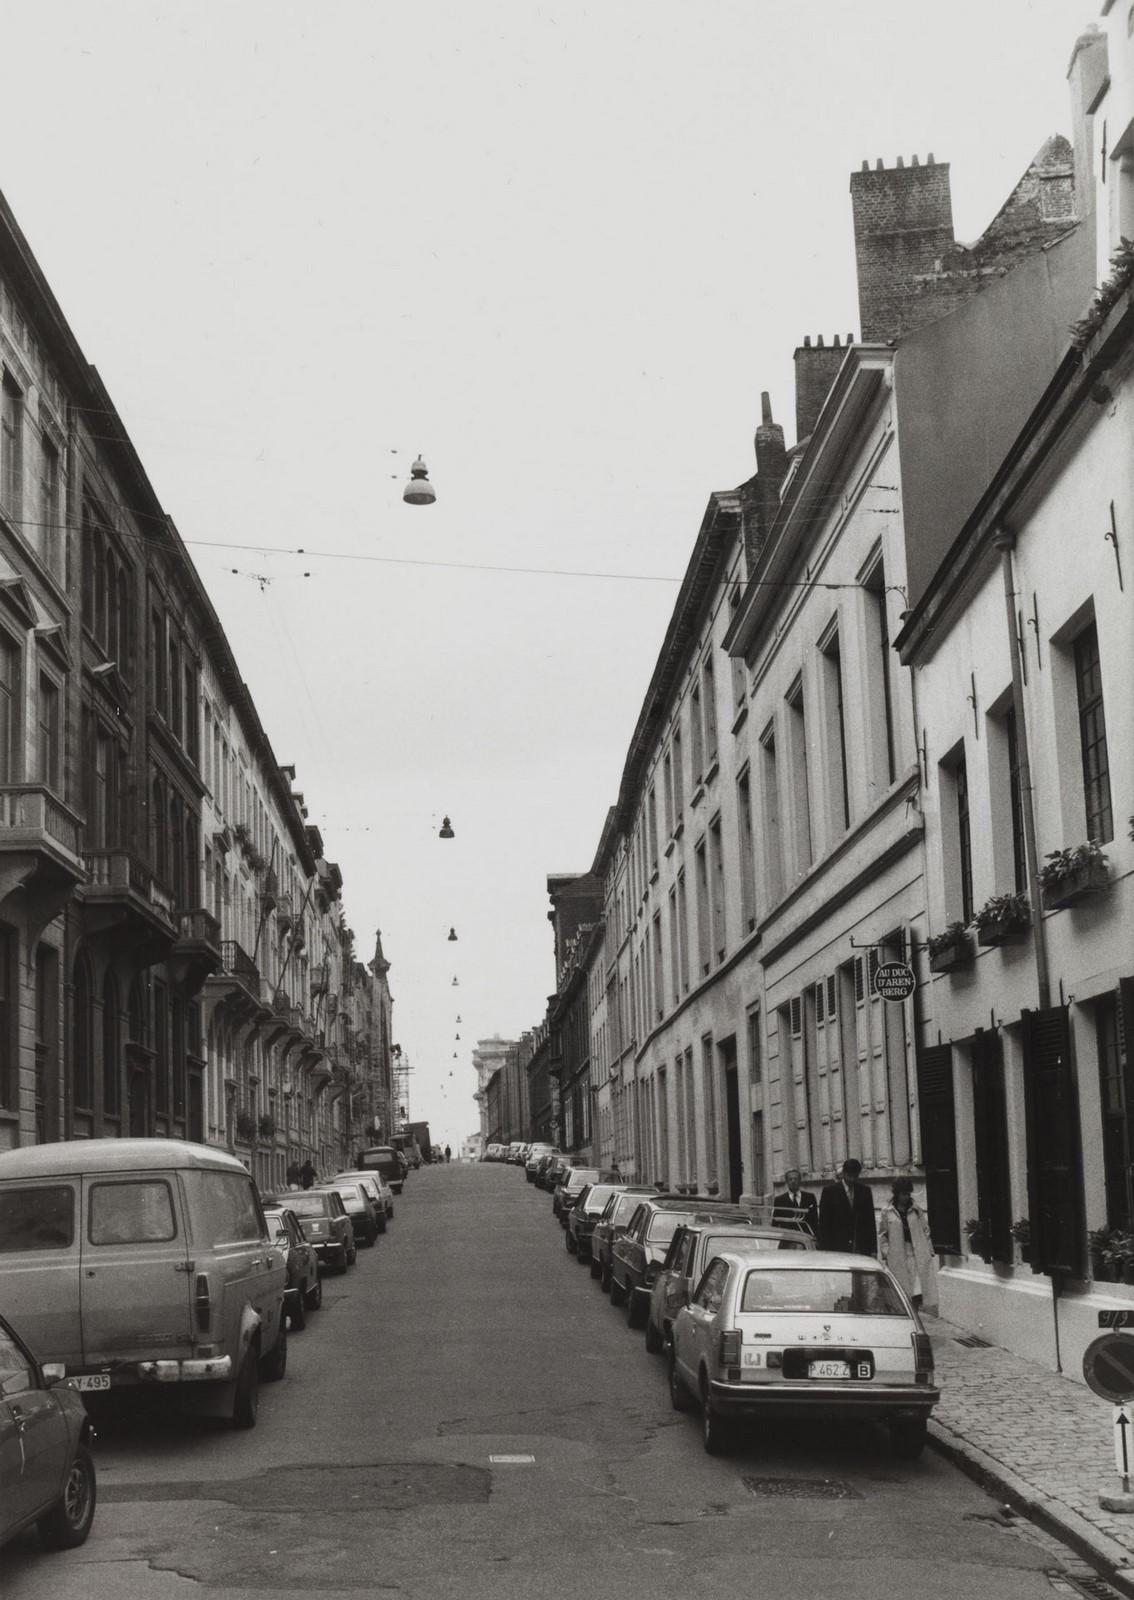 Wolstraat, straatbeeld vanuit Kleine Zavel, 1980